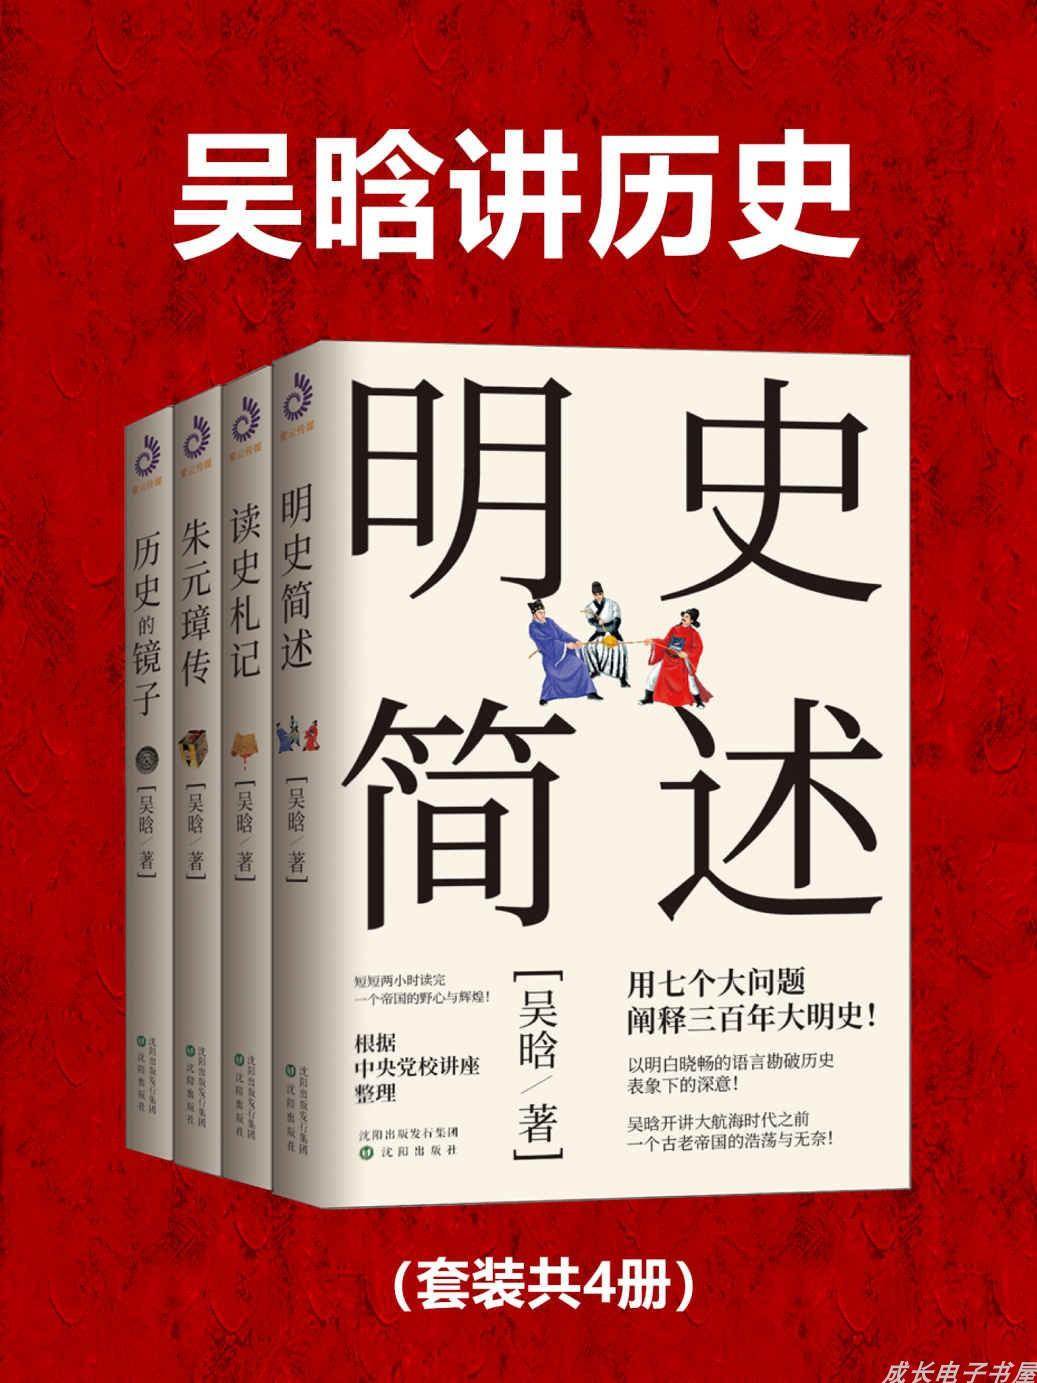 Bộ 4 Mô Hình Đồ Chơi Nhân Vật Lu Han History Phiên Bản Hd